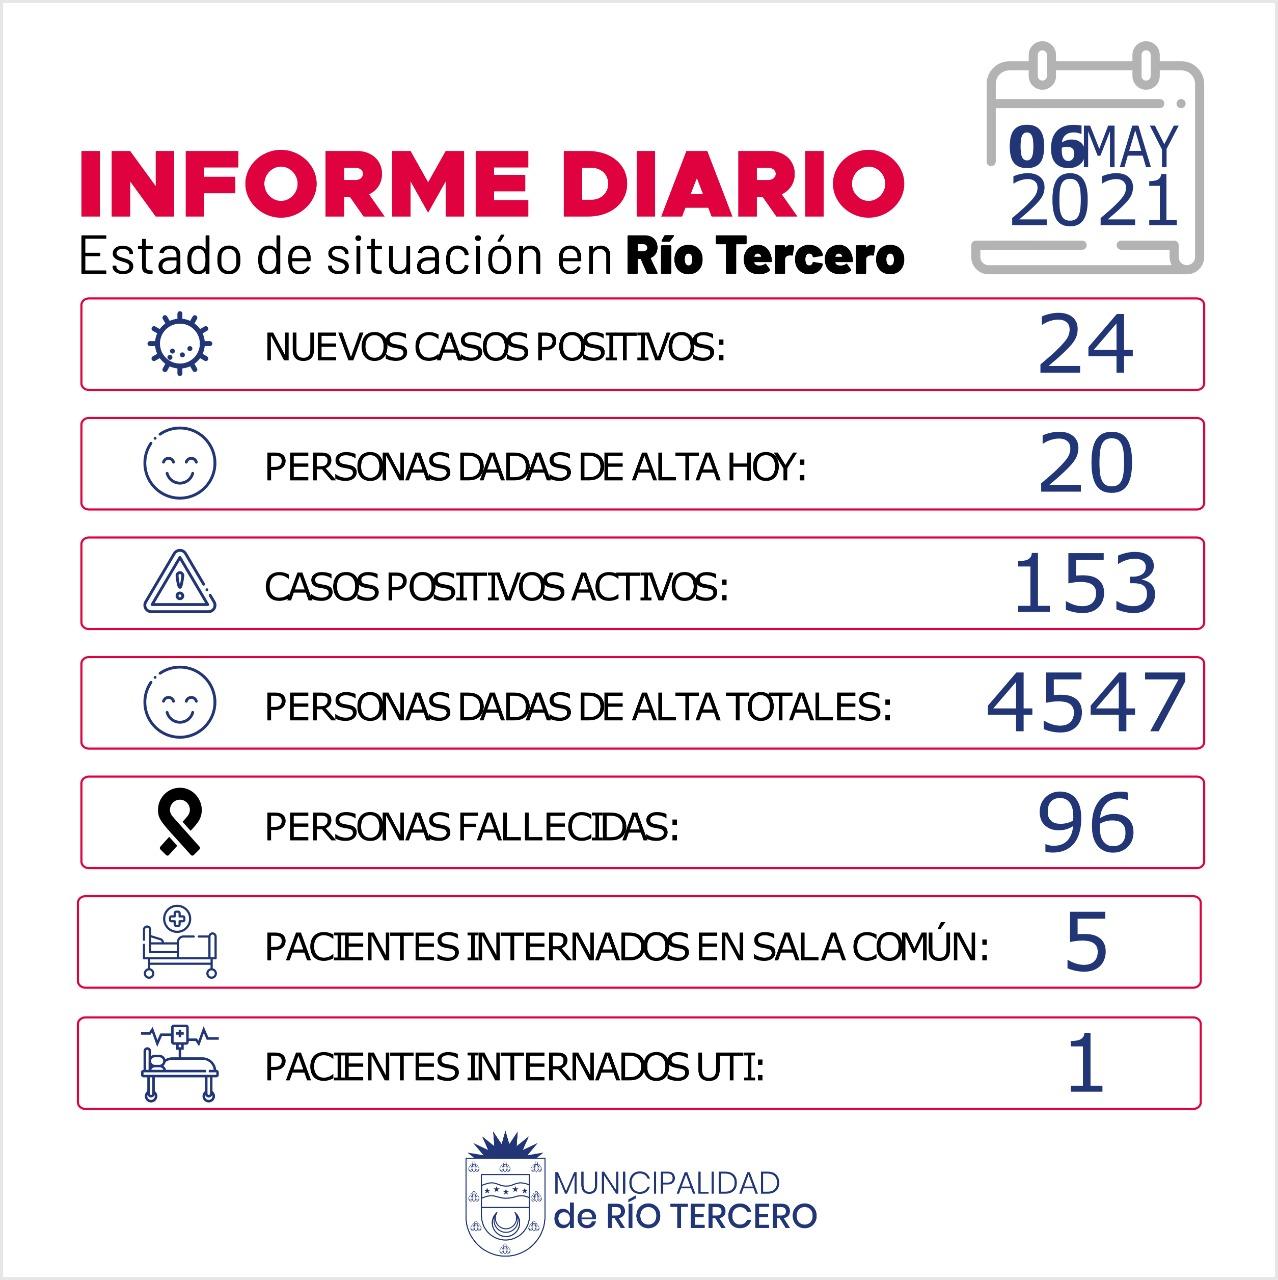 RÍO TERCERO TIENE 153 CASOS ACTIVOS: HOY SE REGISTRARON 24 NUEVOS CASOS POSITIVOS